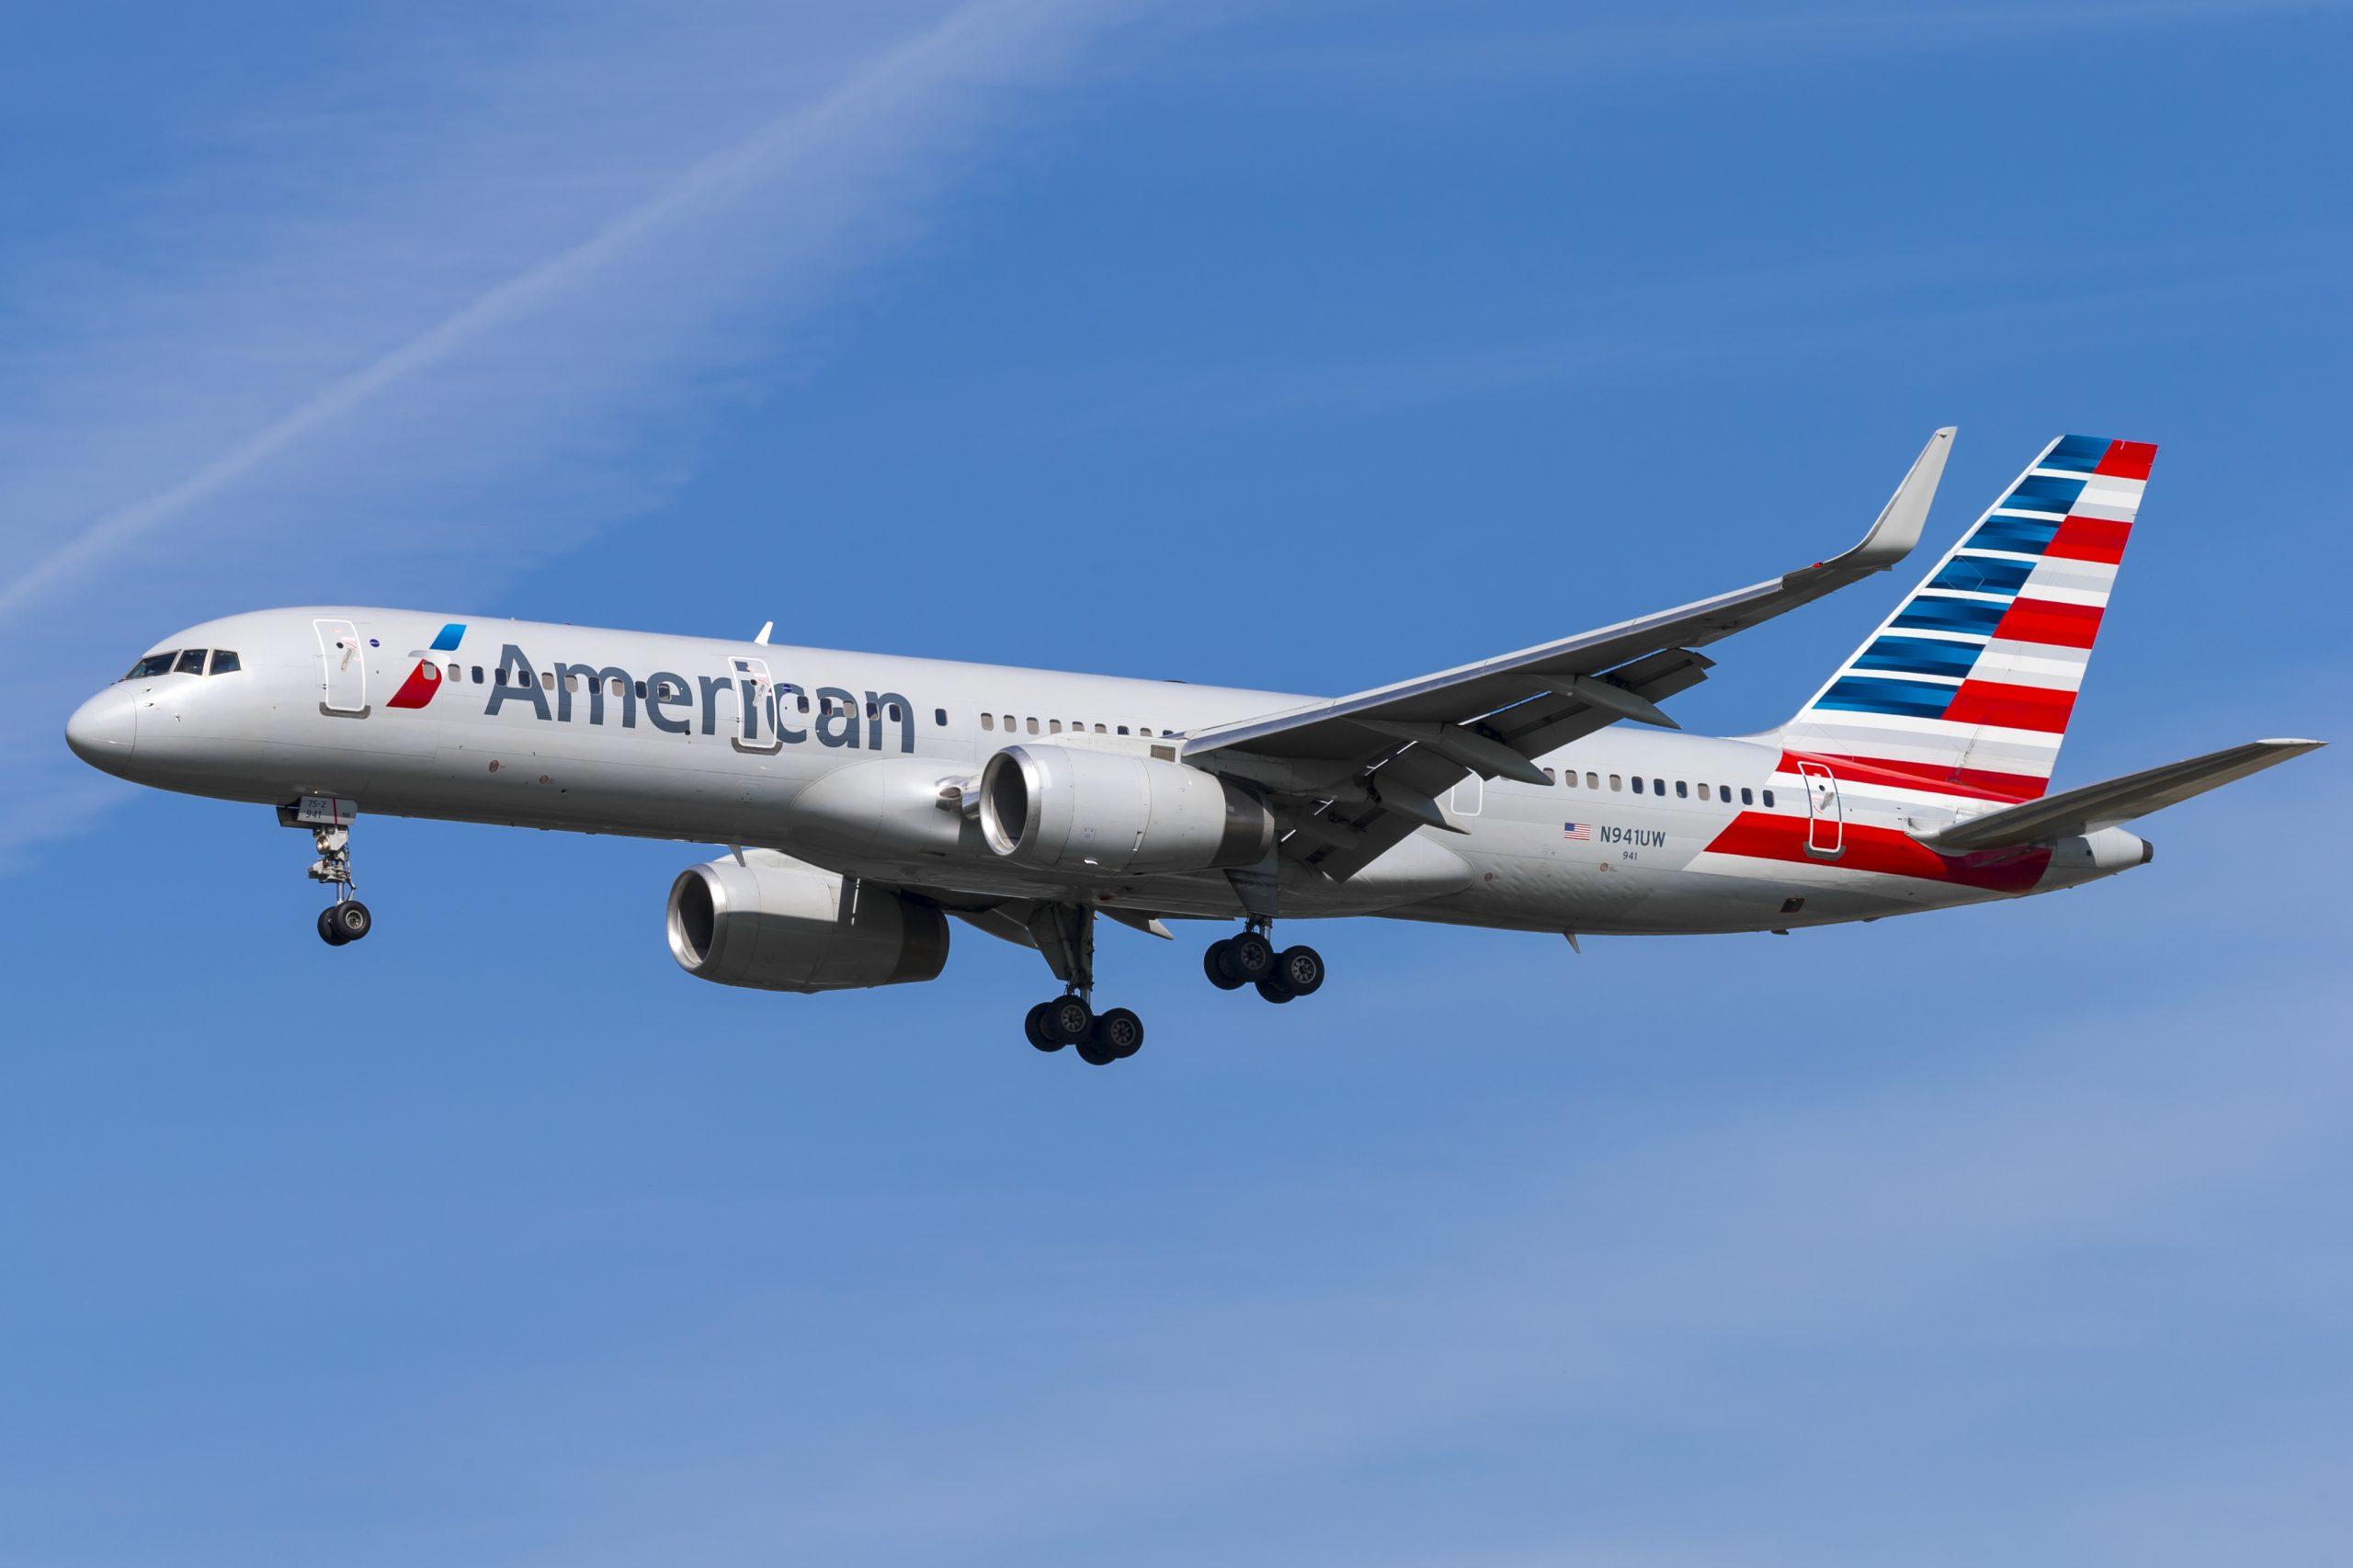 Boeing 757-200 fra American Airlines. (Foto: © Thorbjørn Brunander Sund | Danish Aviation Photo)